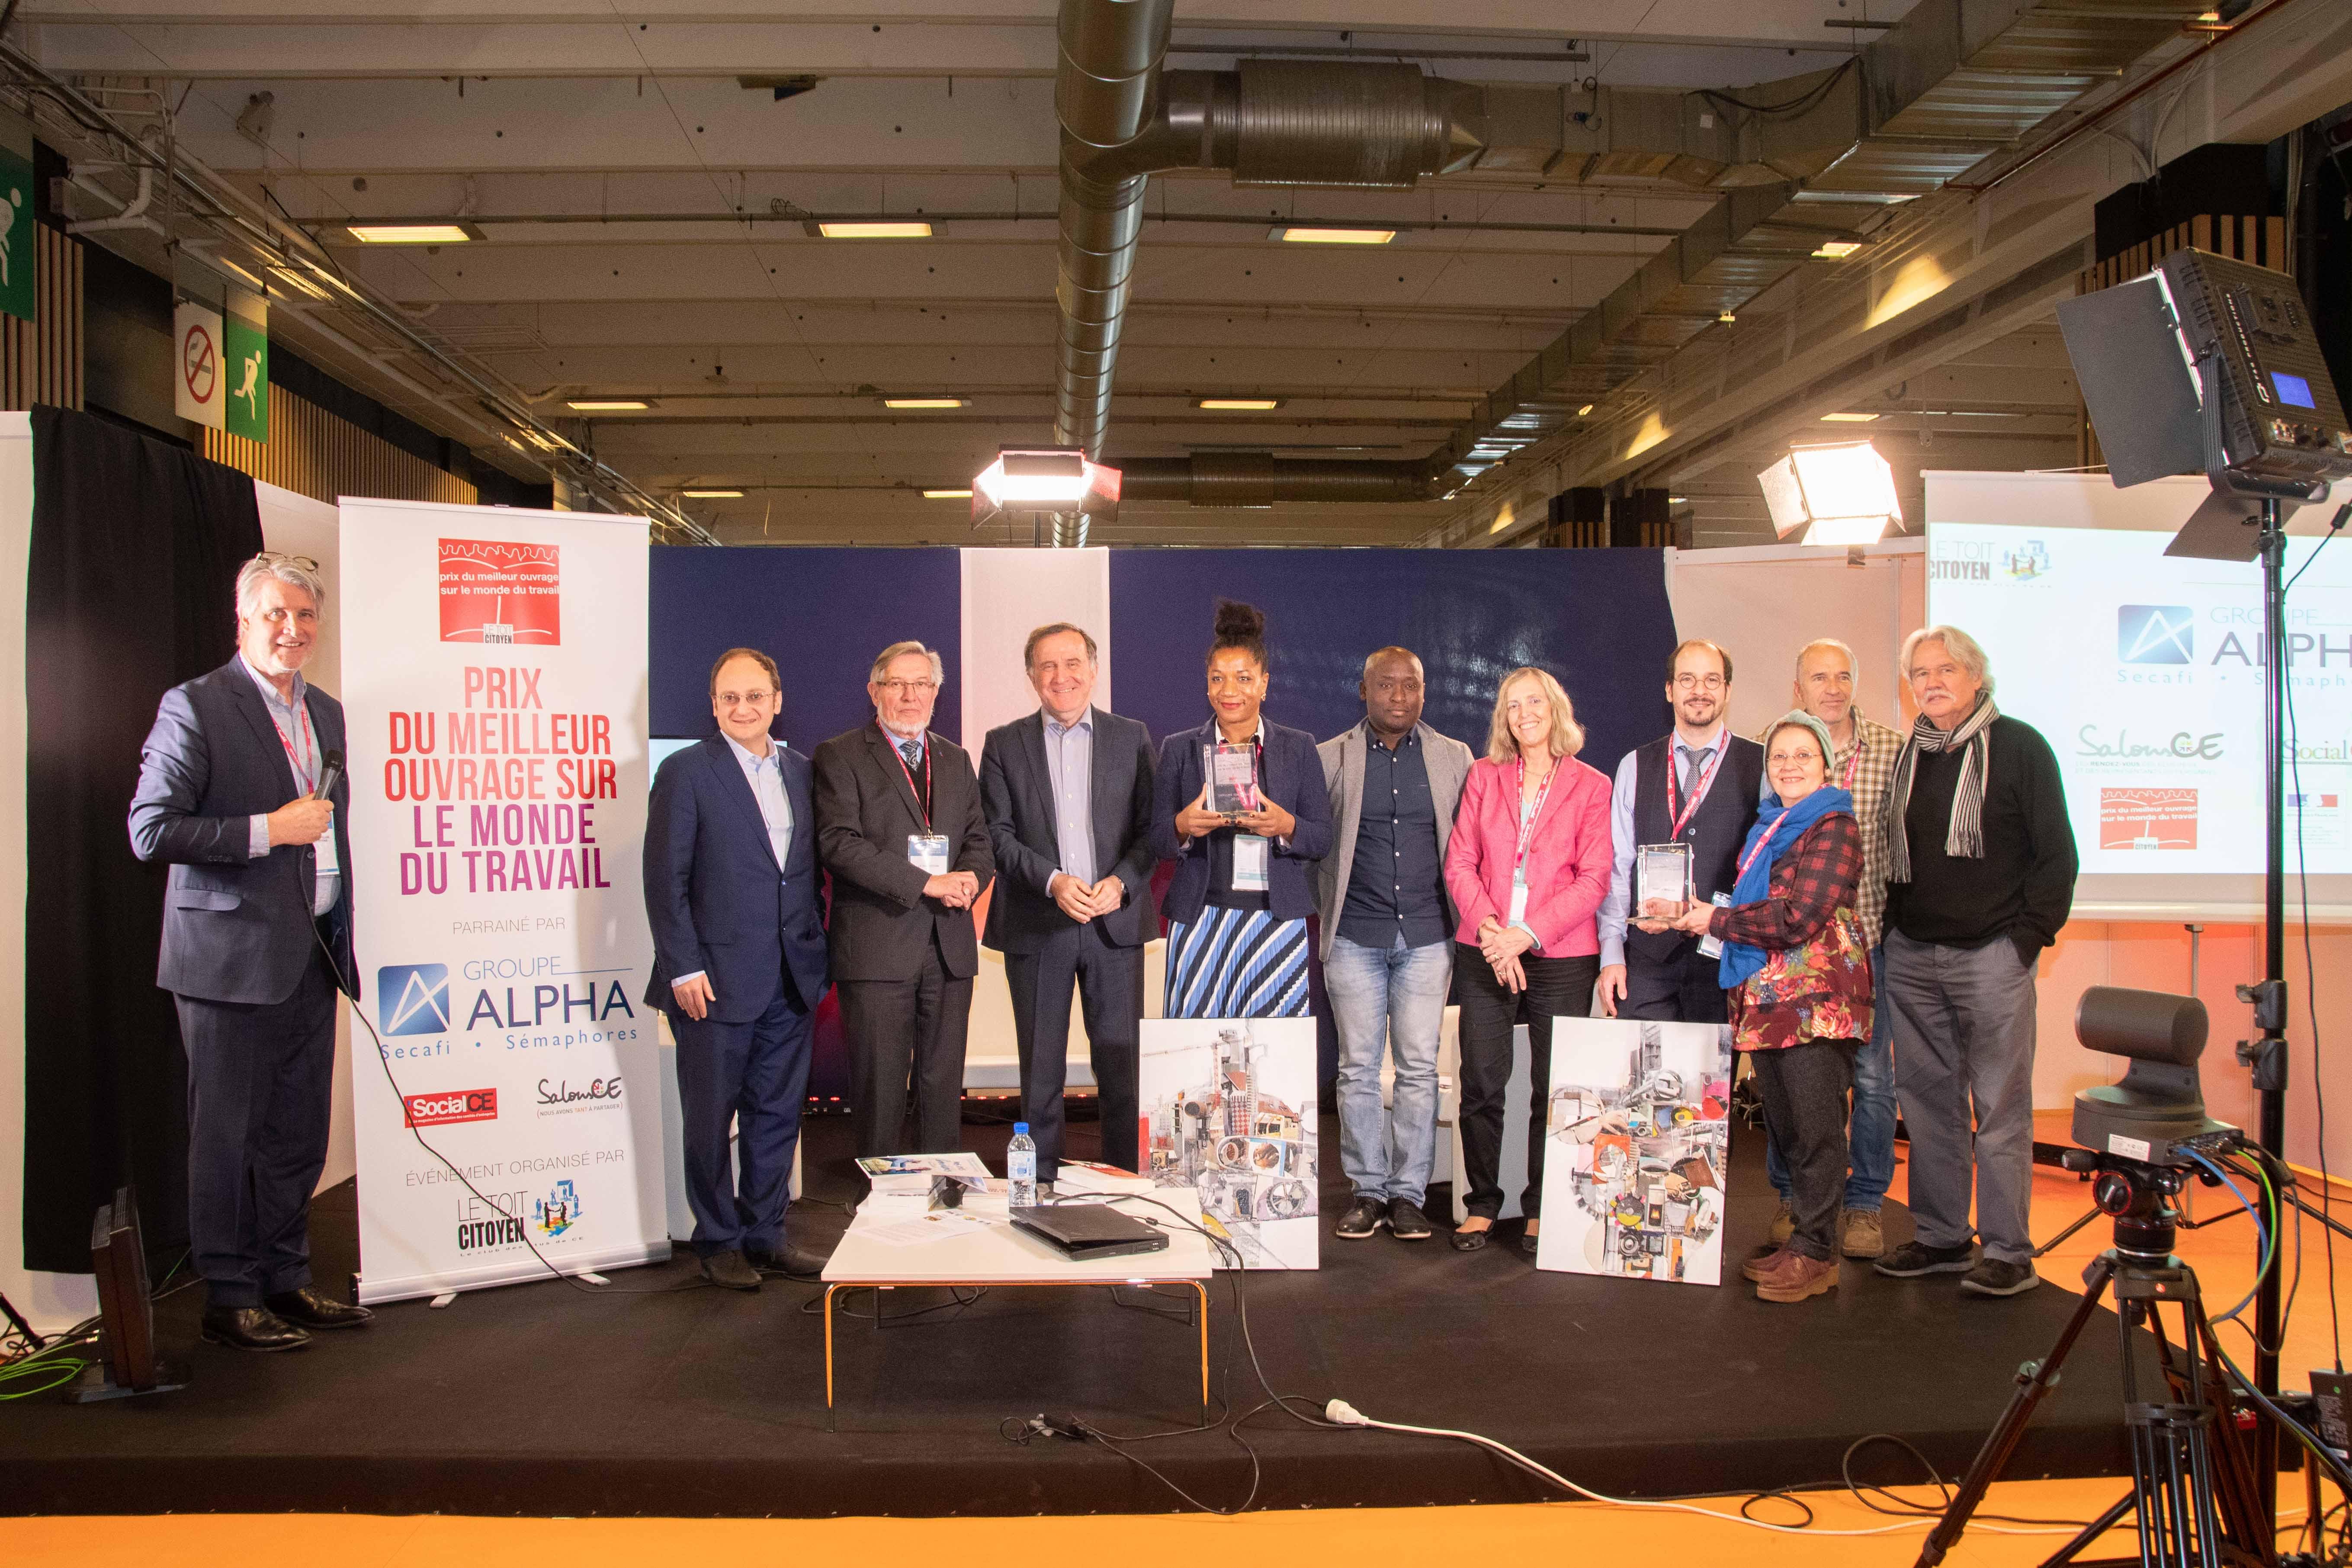 Succès de la 8 ième édition du Prix du Meilleur Ouvrage sur le Monde du Travail malgré la grève ! Toutes les photos et les infos sur le blog www.toitcitoyen.com/mondedutravail